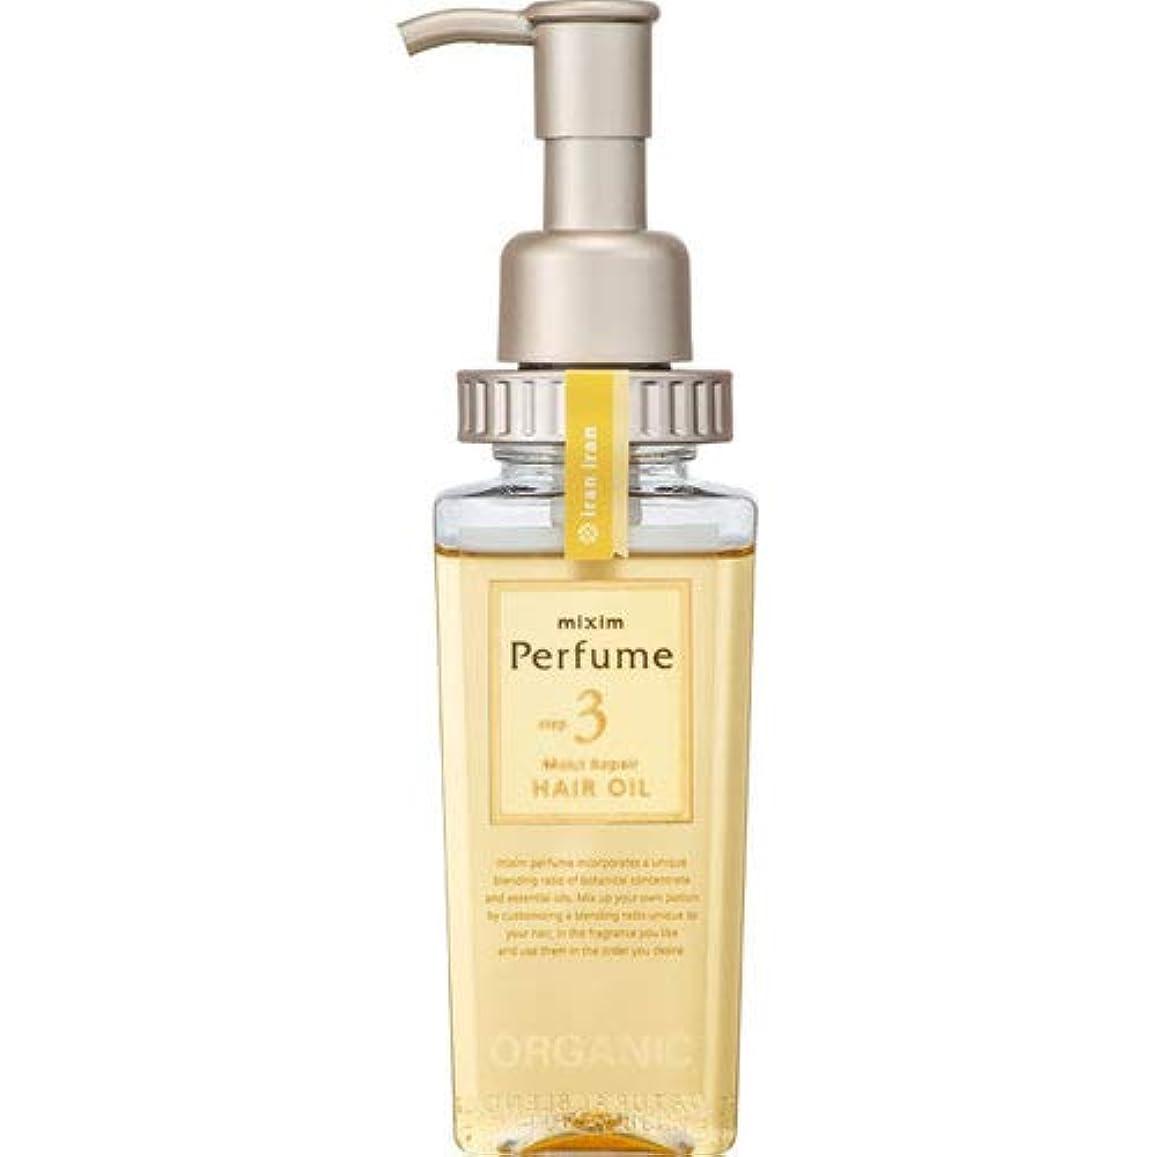 mixim Perfume(ミクシムパフューム) モイストリペア ヘアオイル 100mL